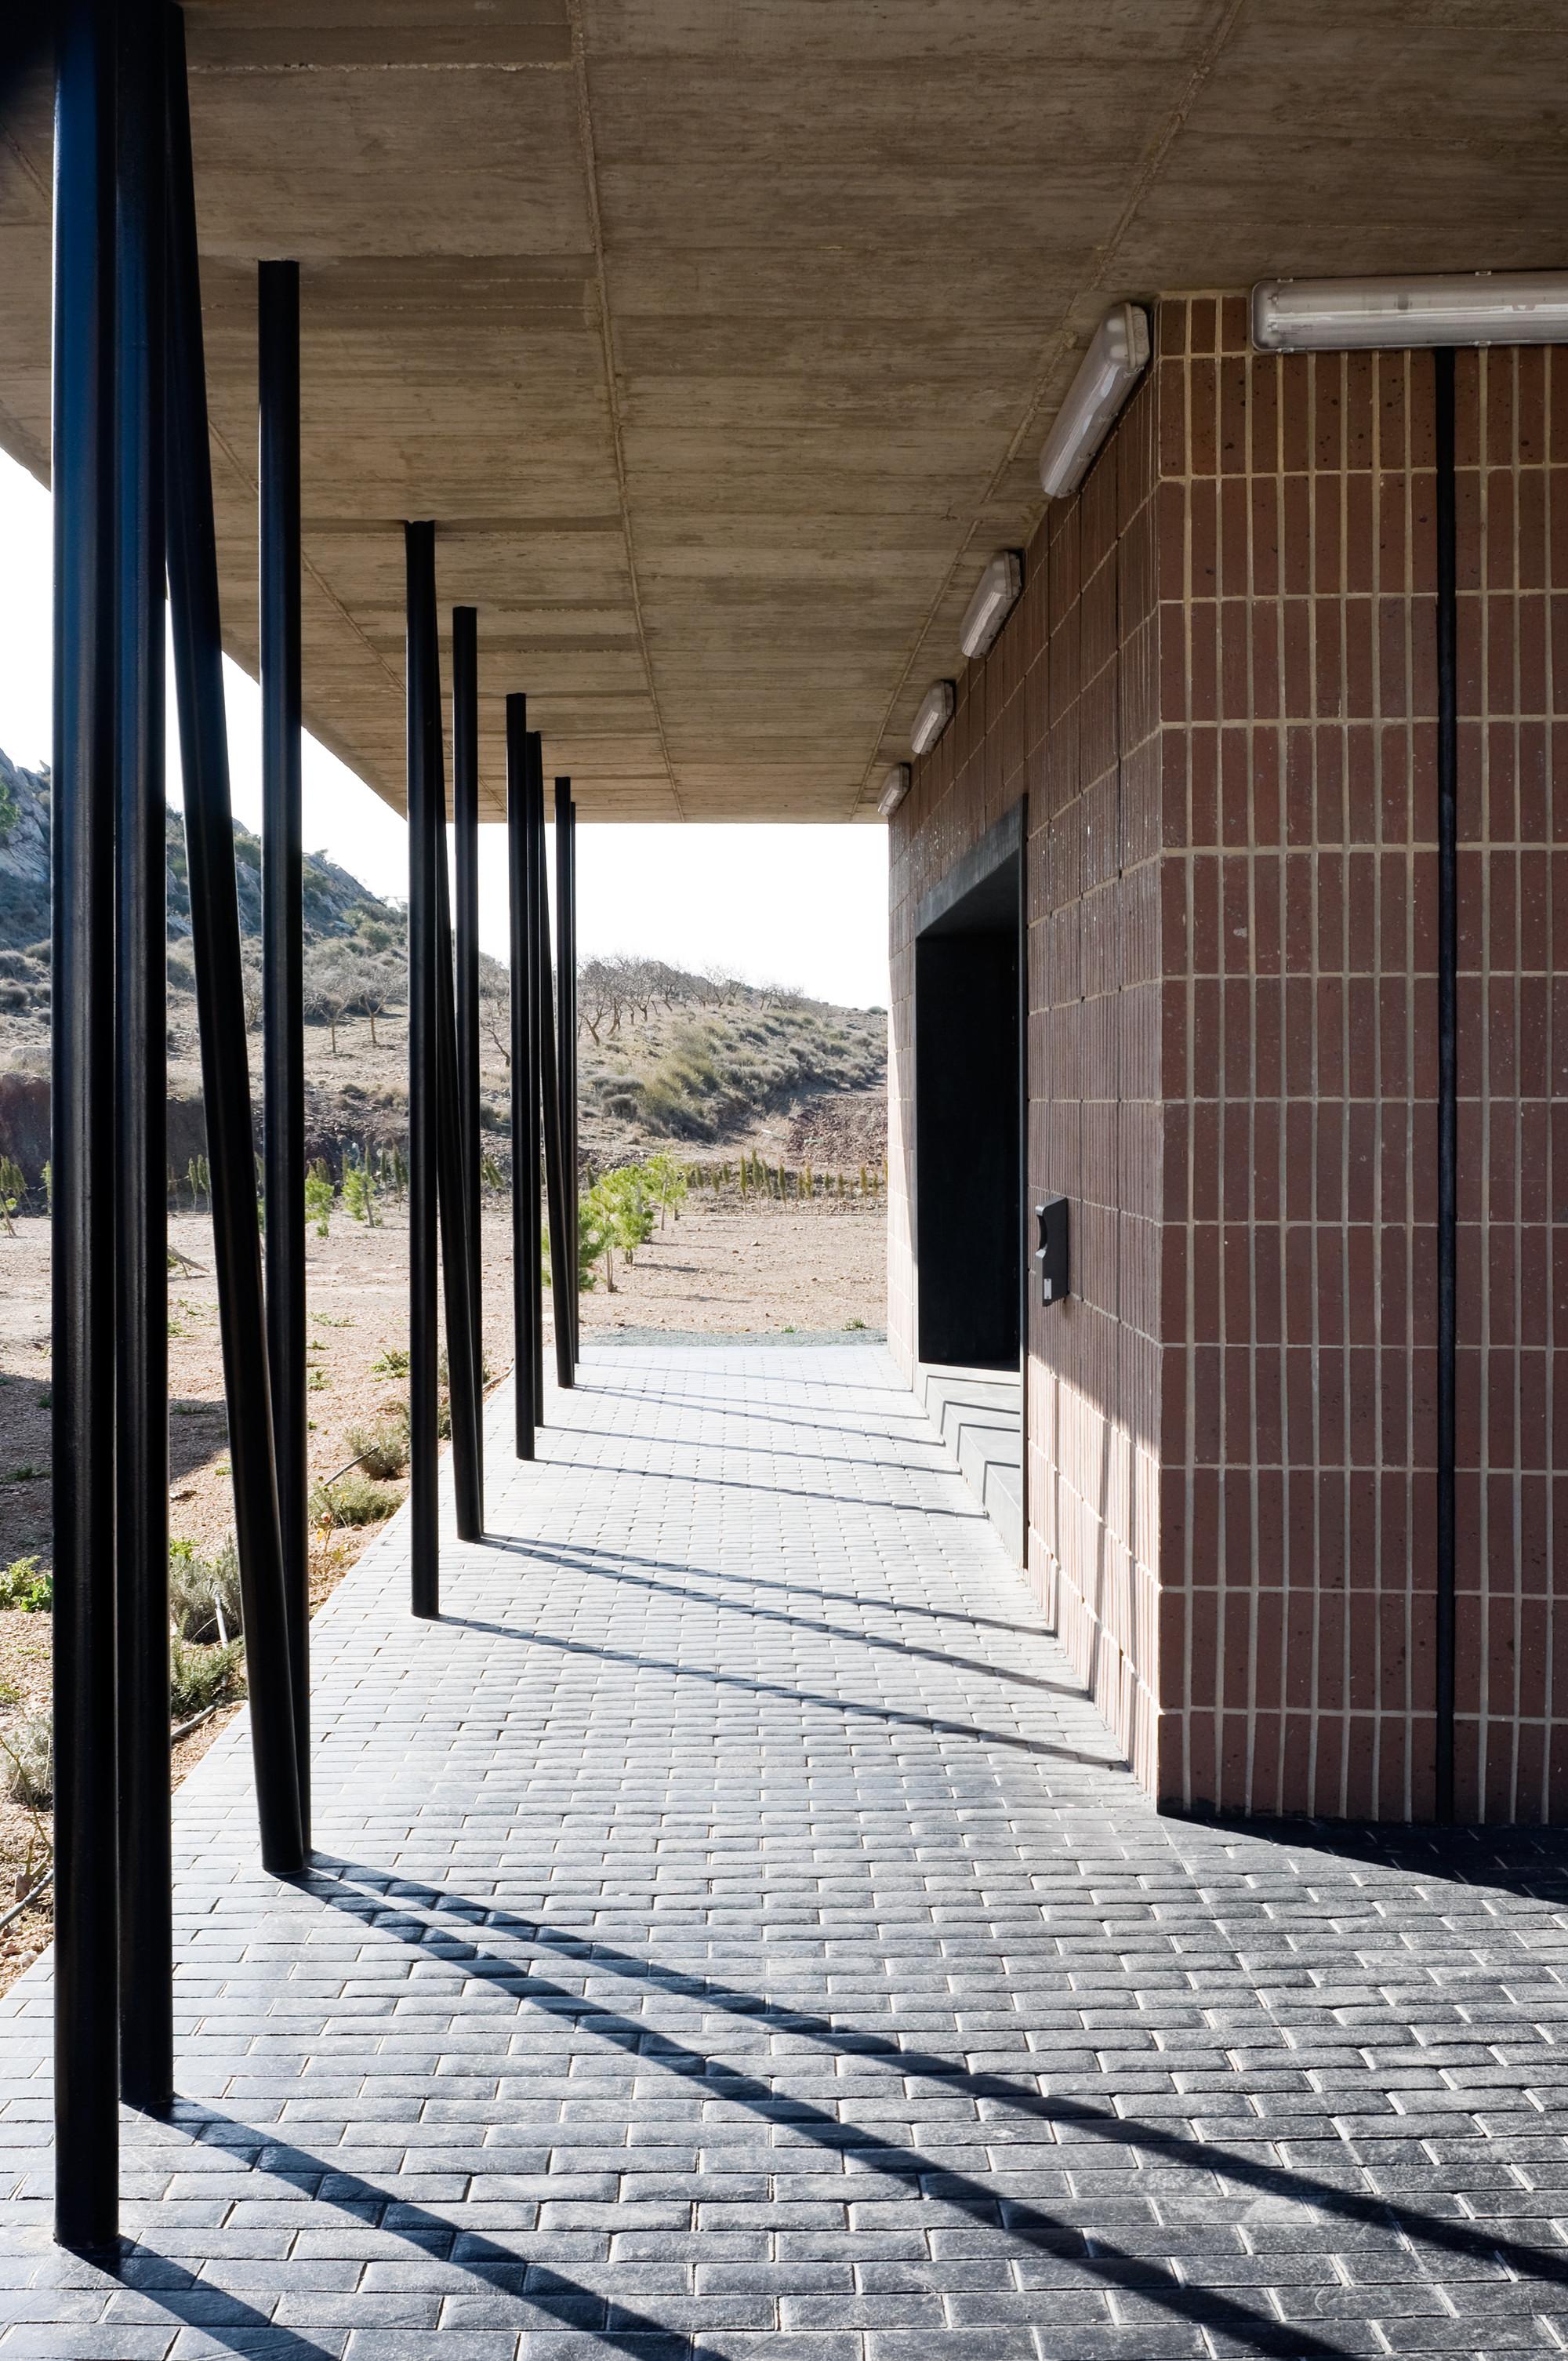 Galer a de velatorio municipal montealegre del castillo albacete dra arquitectos 3 - Arquitectos albacete ...